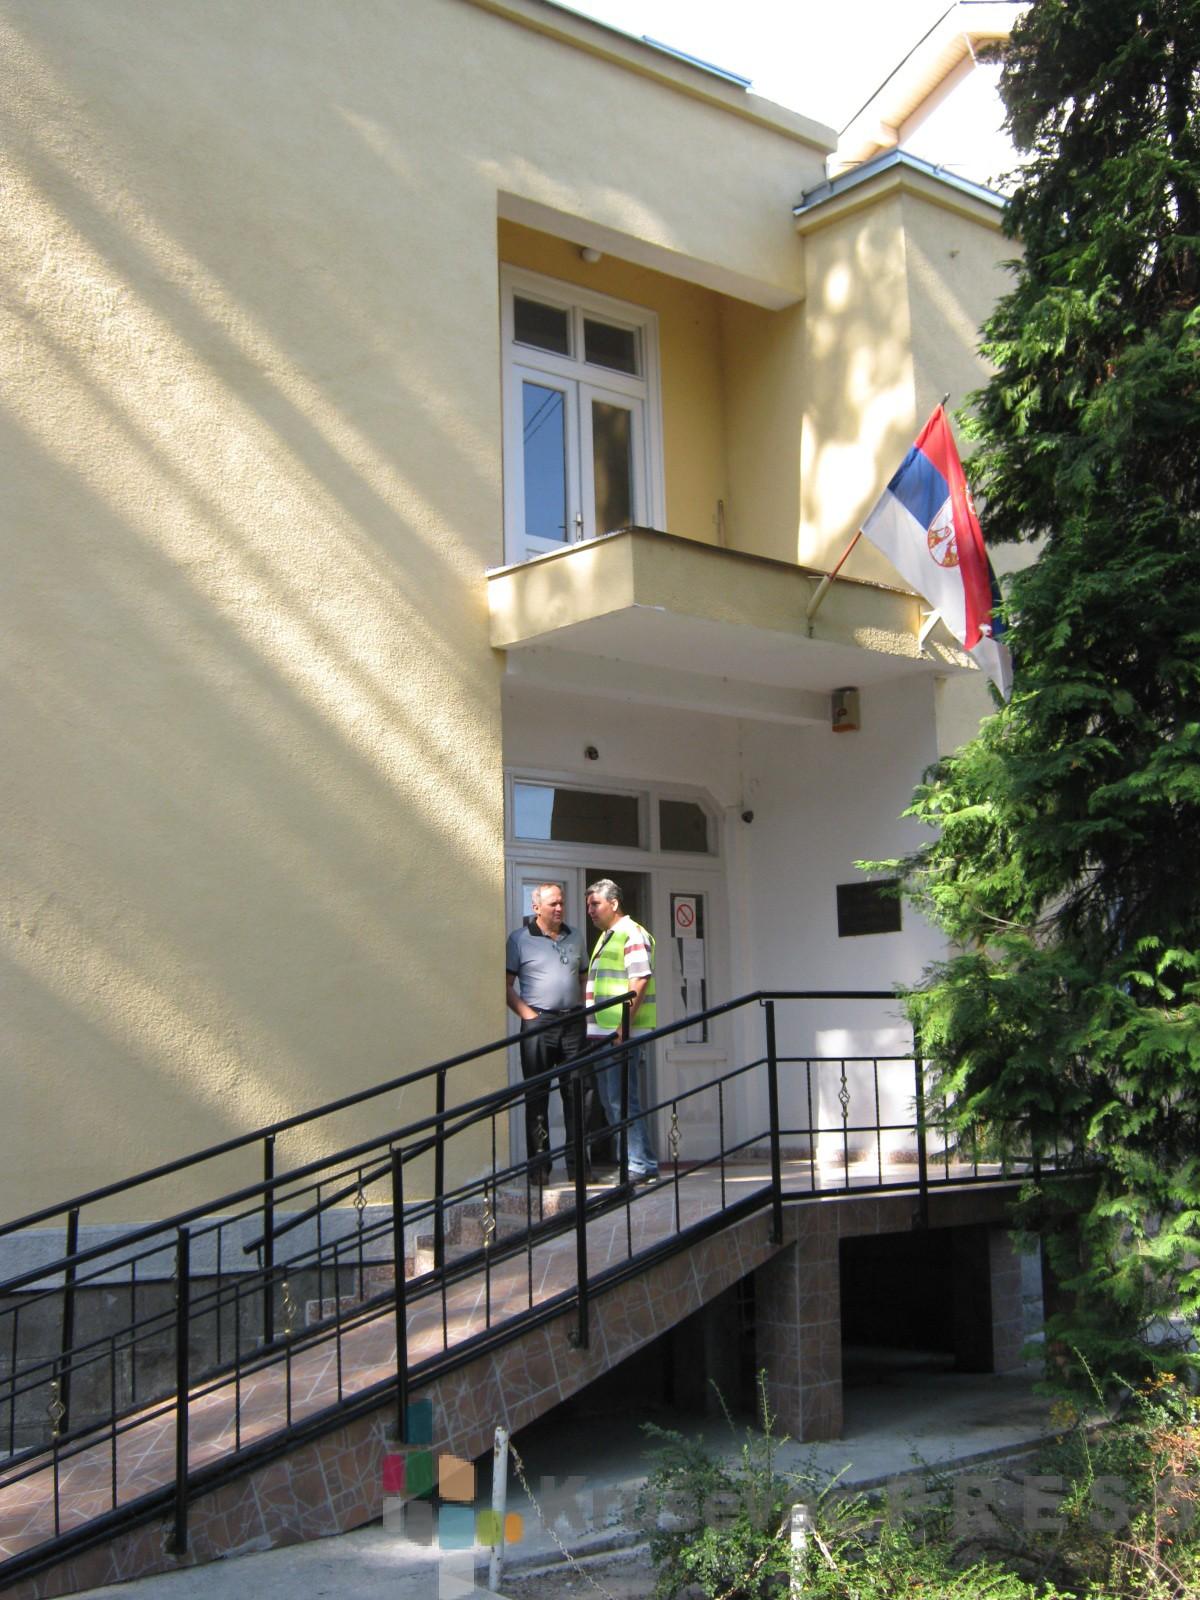 Krusevac03 centar za socijalni rad krusevac foto s.milenkovic